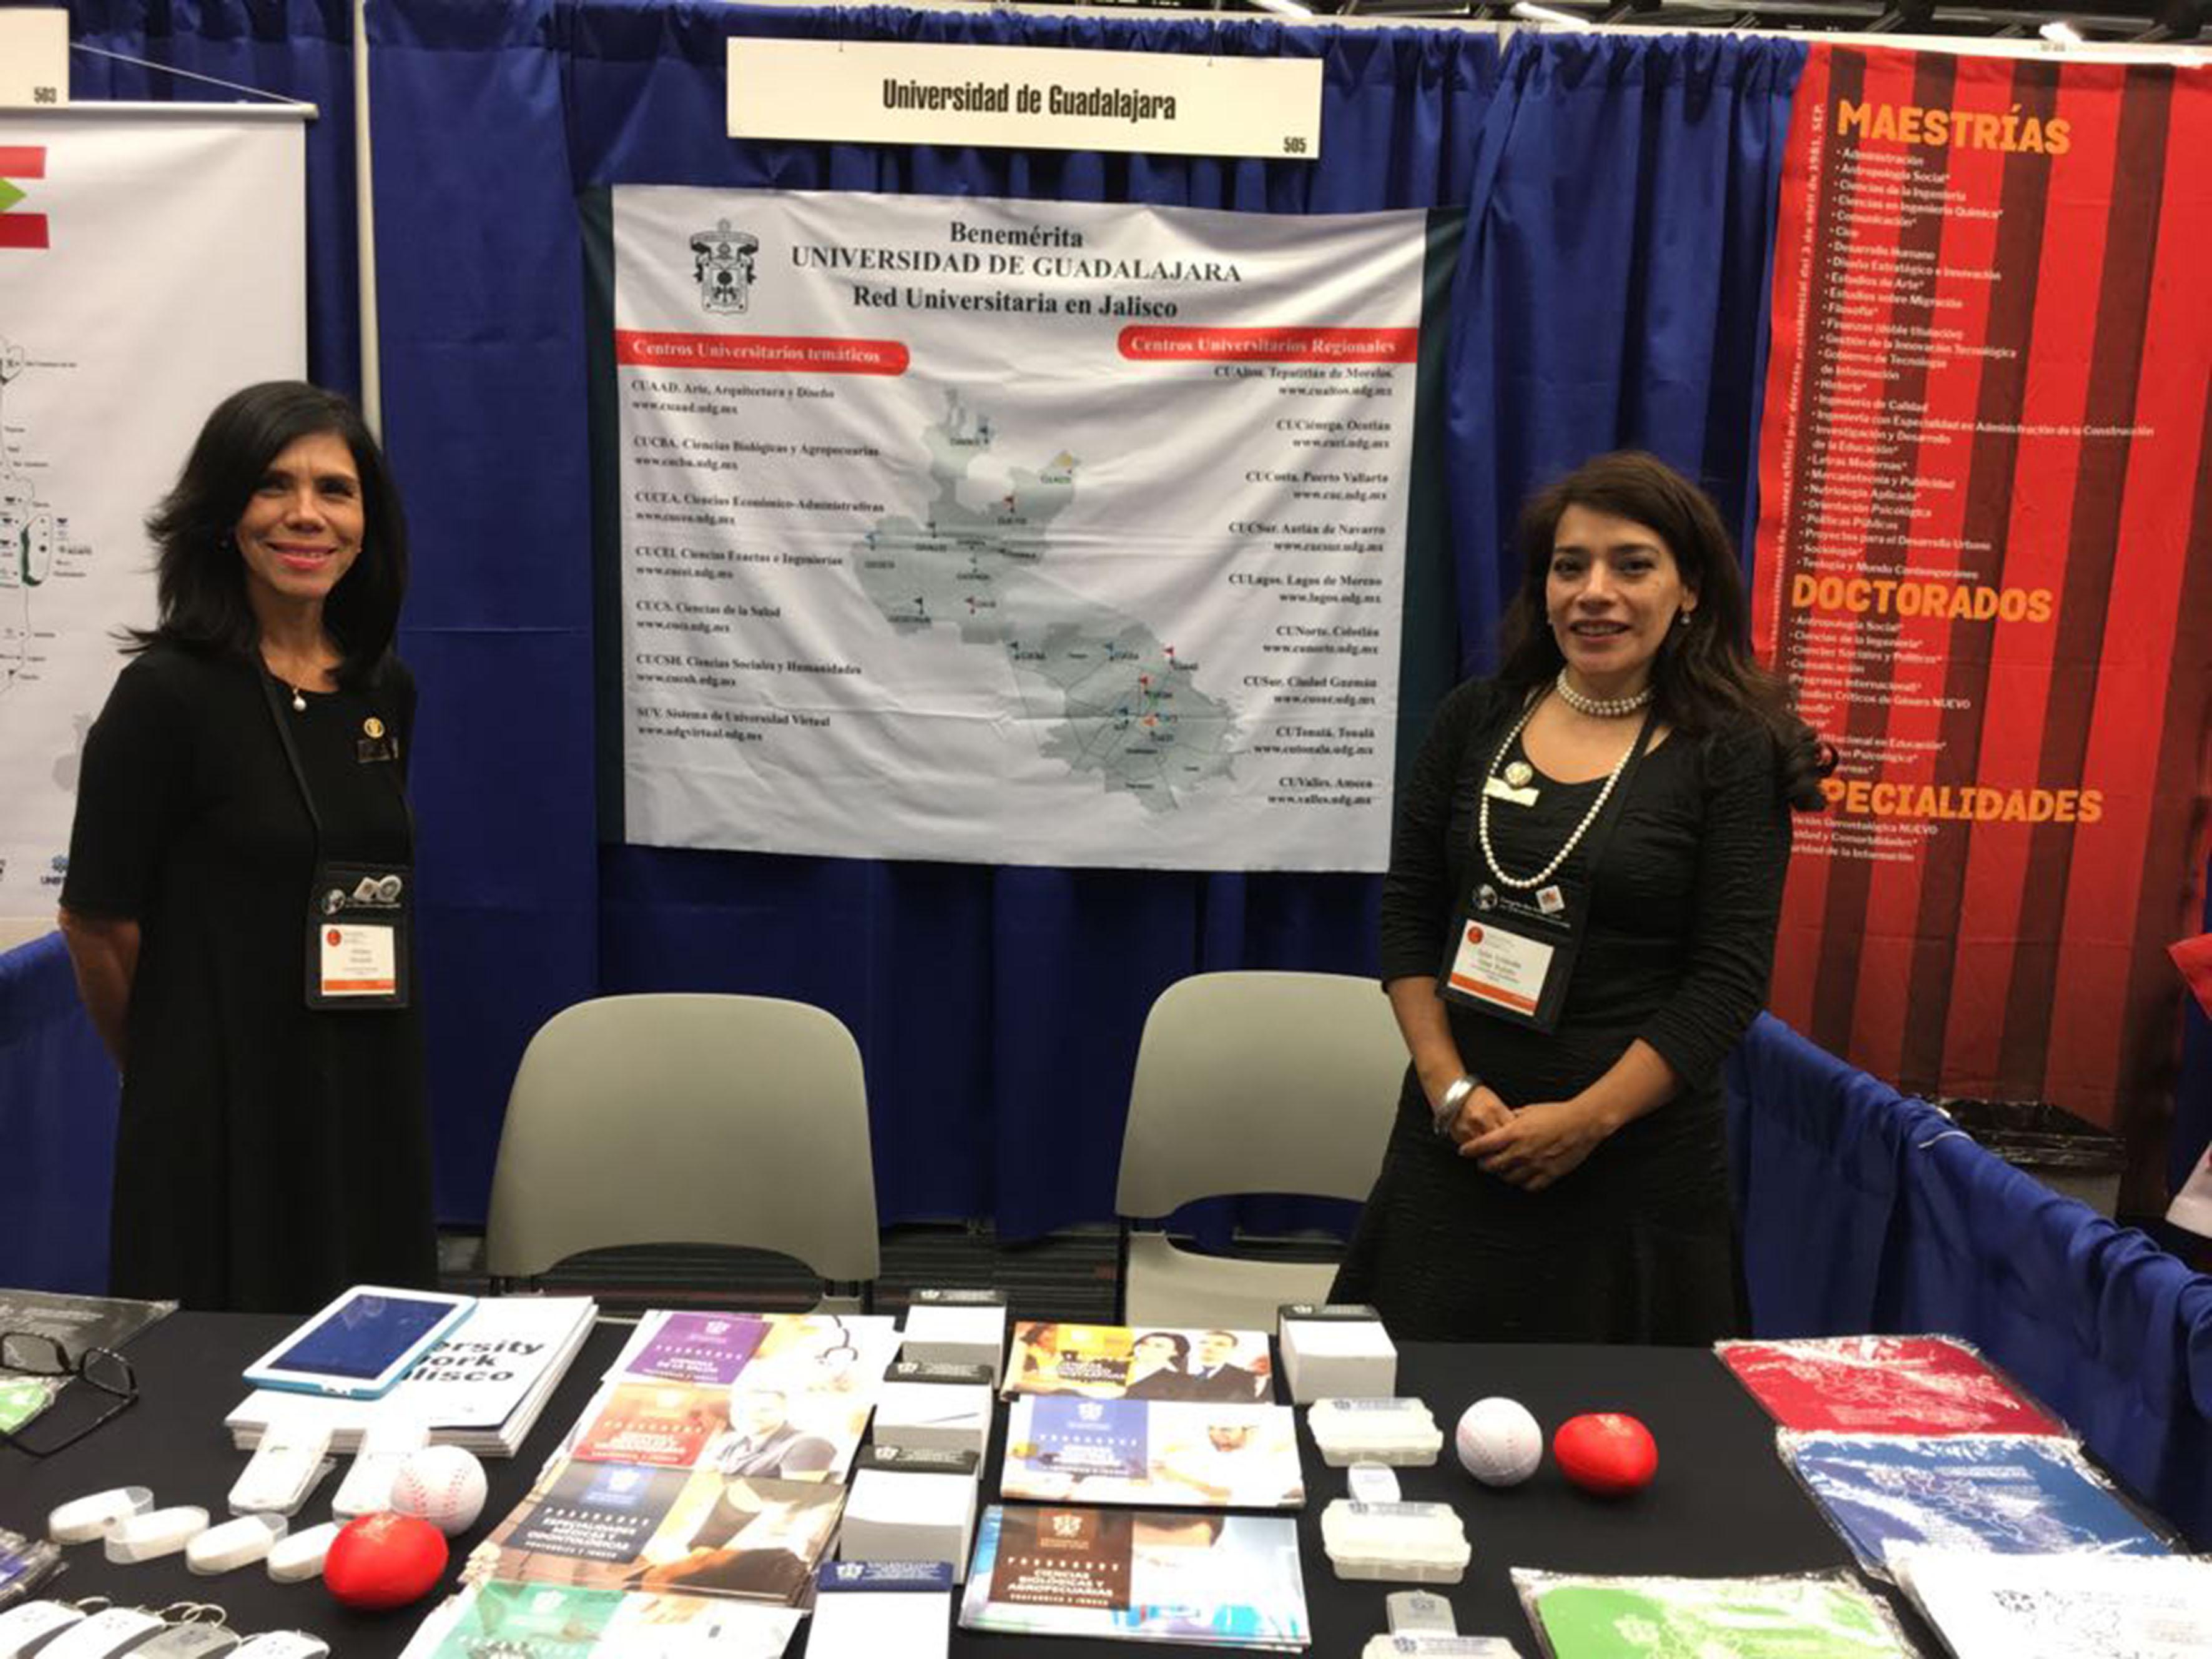 Stand de la Universidad de Guadalajara en el marco del Congreso de las Américas sobre Educación Internacional, que se realiza en Montreal, Canadá.